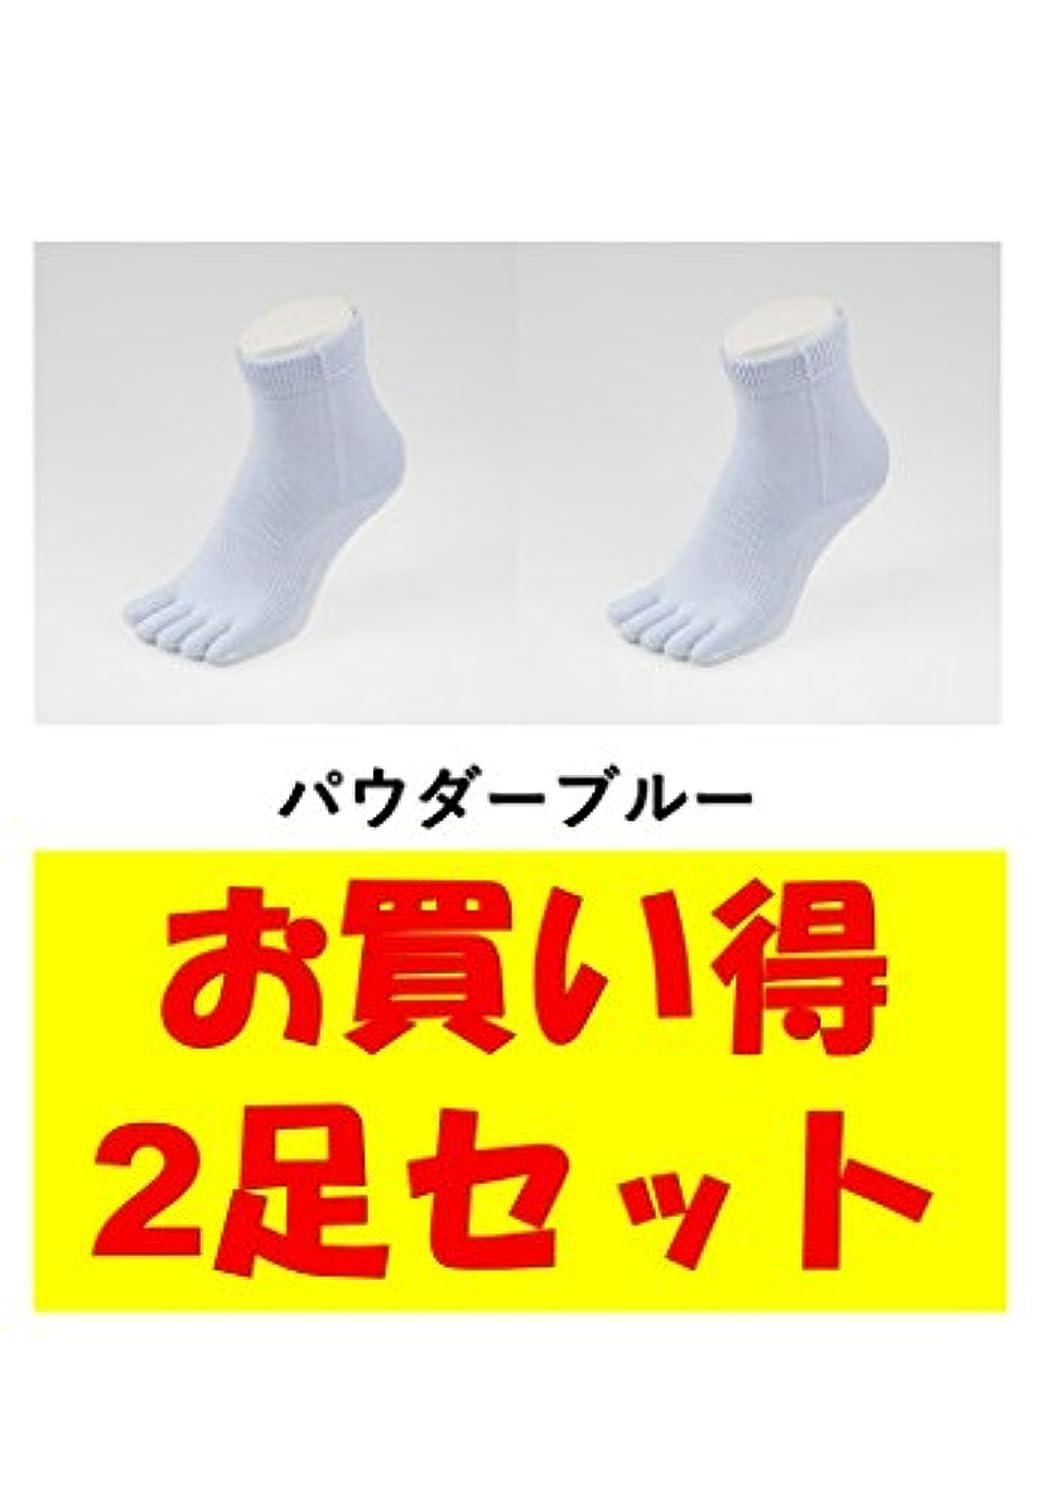 隠かけがえのない動員するお買い得2足セット 5本指 ゆびのばソックス Neo EVE(イヴ) パウダーブルー Sサイズ(21.0cm - 24.0cm) YSNEVE-PBL